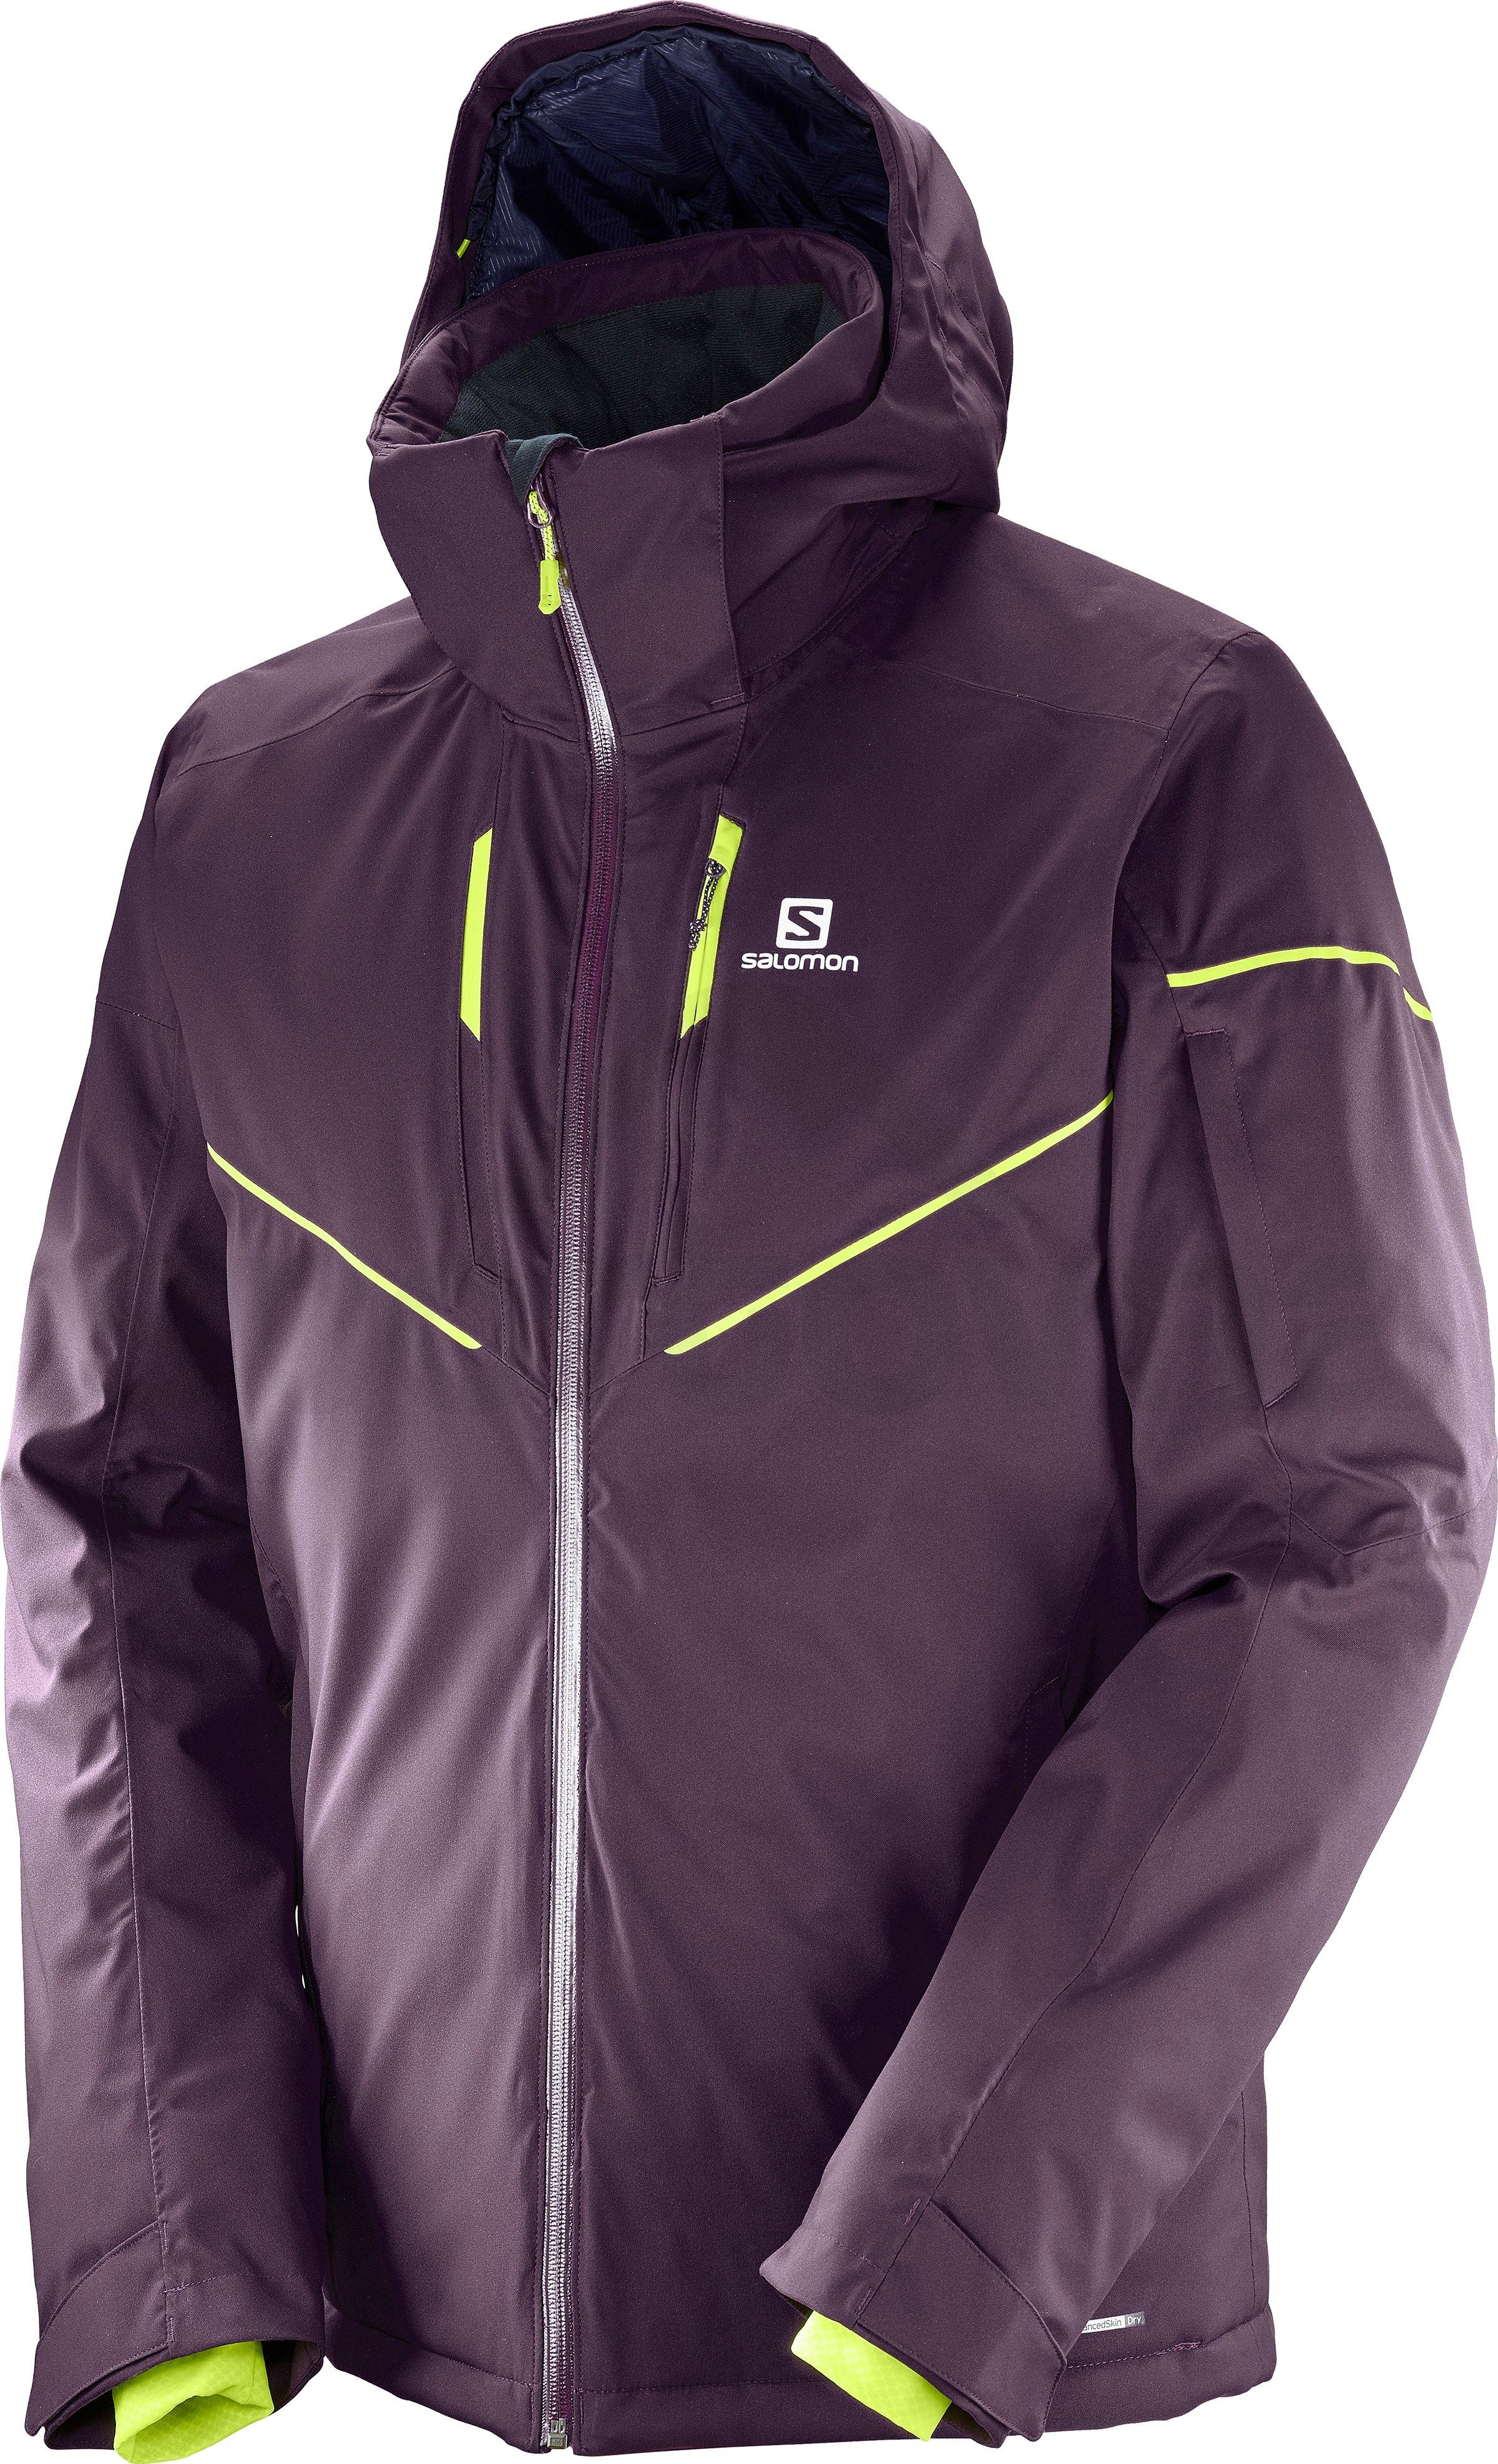 L39735600_0_m_stormracejkt_maverick_skiwear.jpg.cq5dam.web.2400.3948